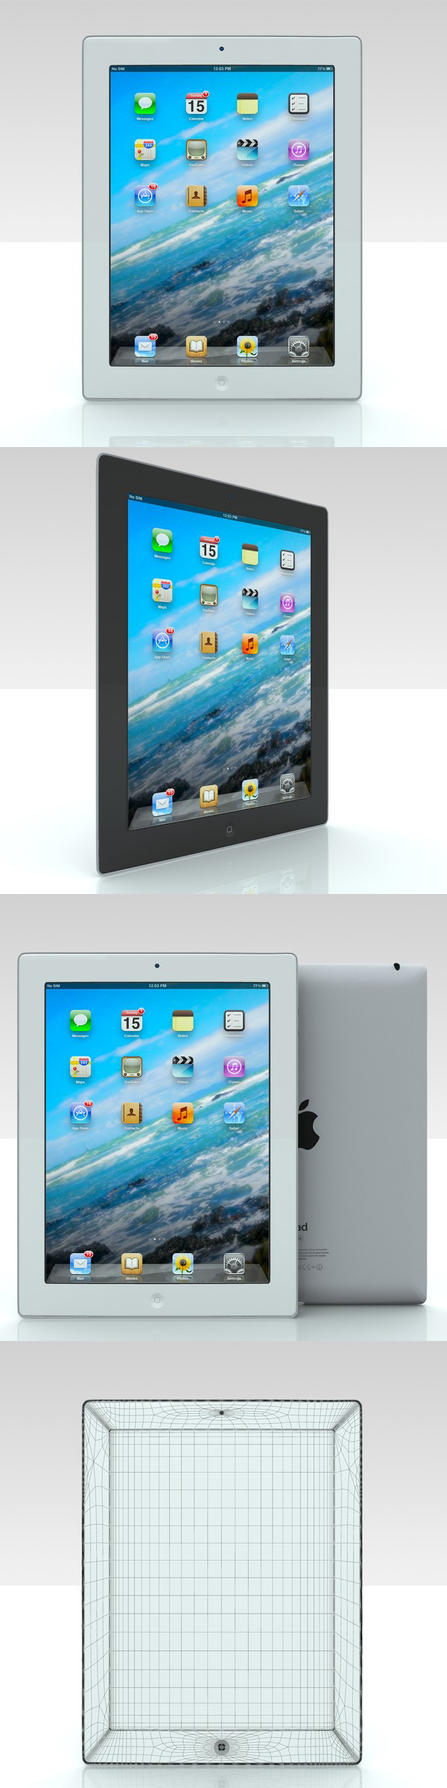 iPad by spenelo